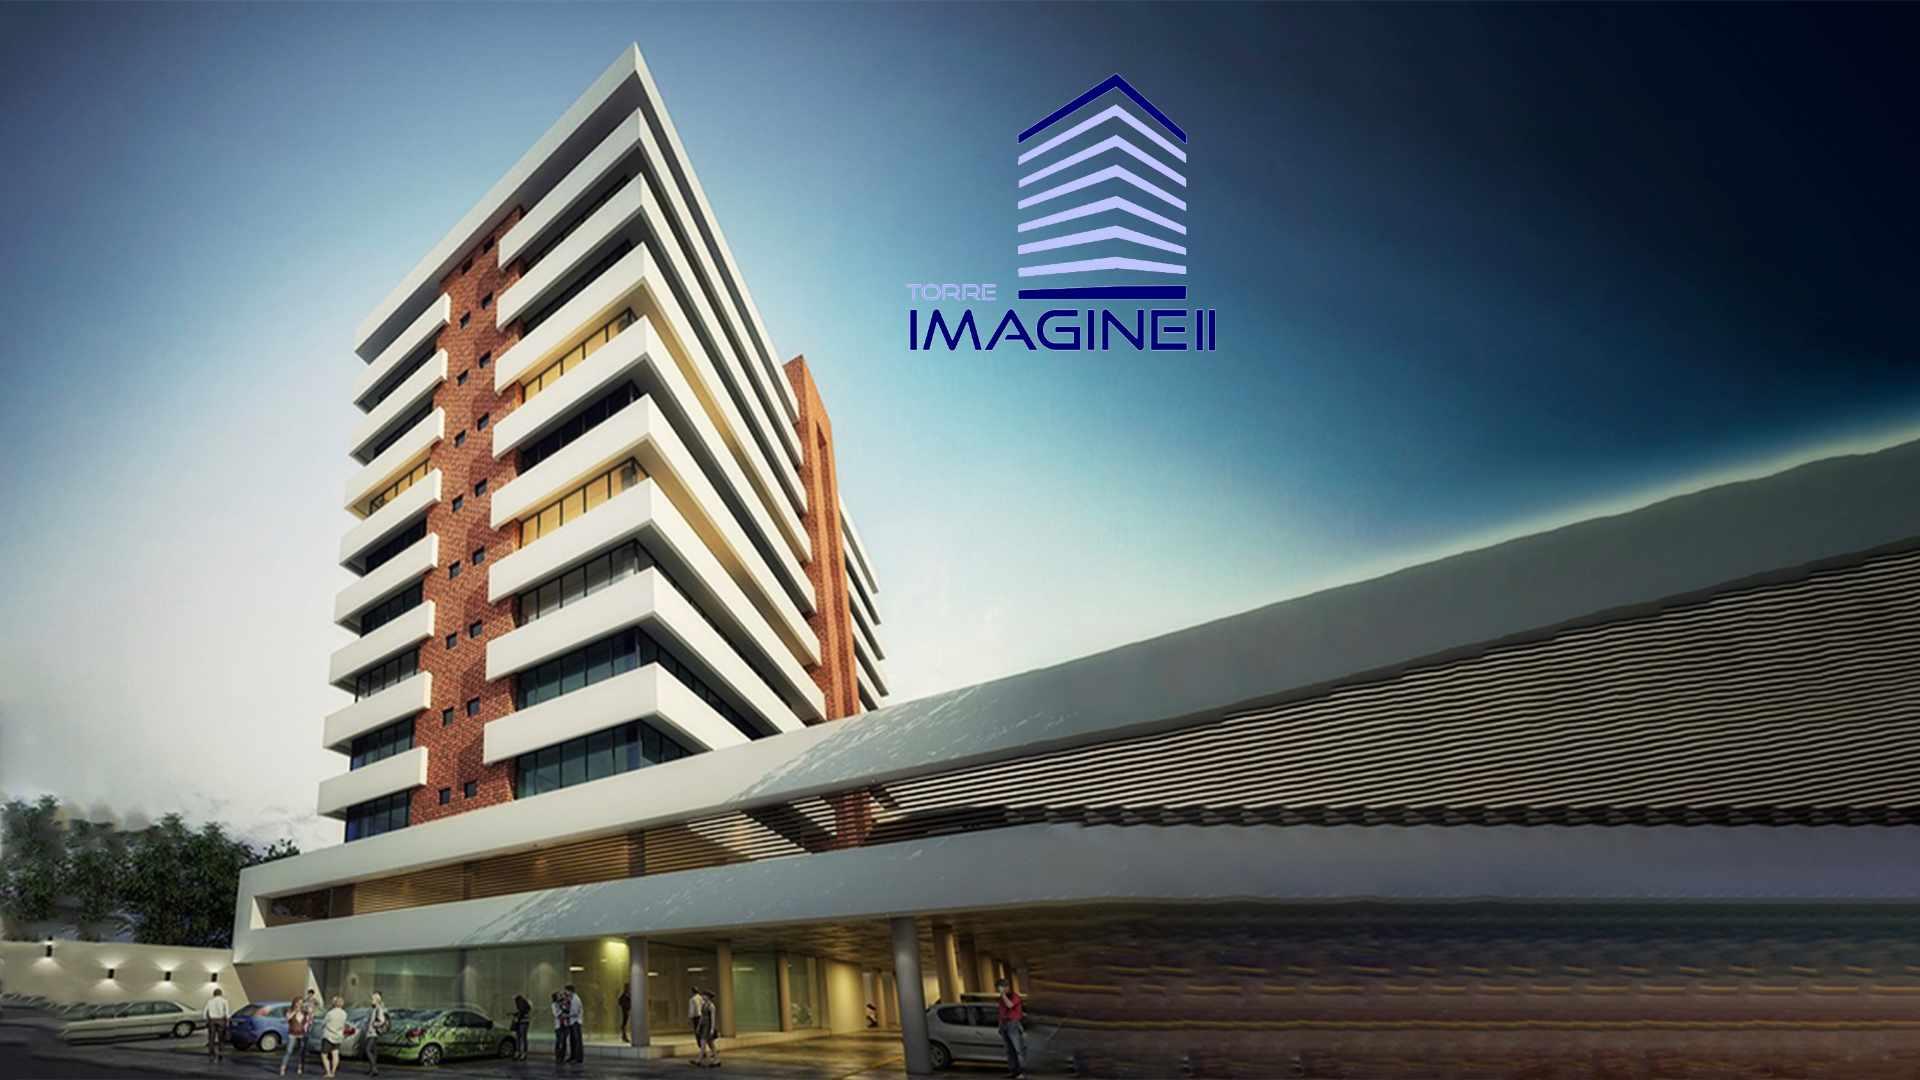 Torre Imagine II